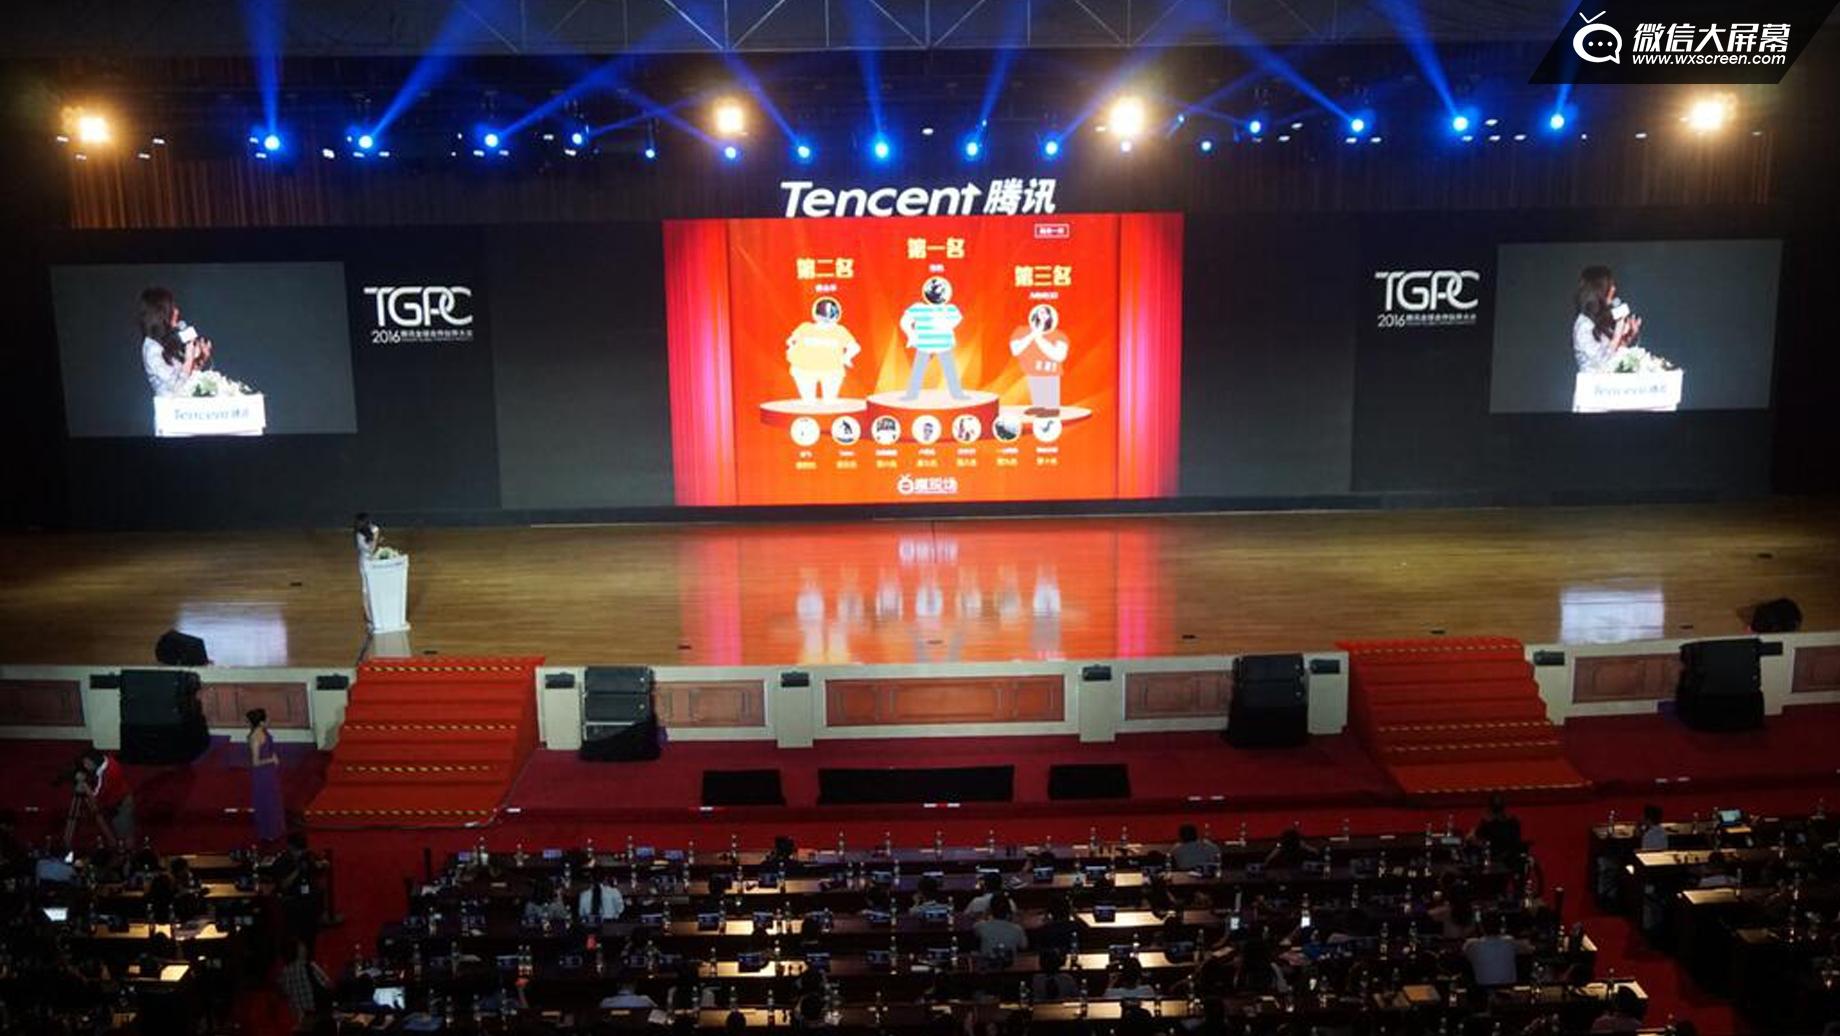 趣现场-微信大屏幕亮相2016腾讯全球合作伙伴大会